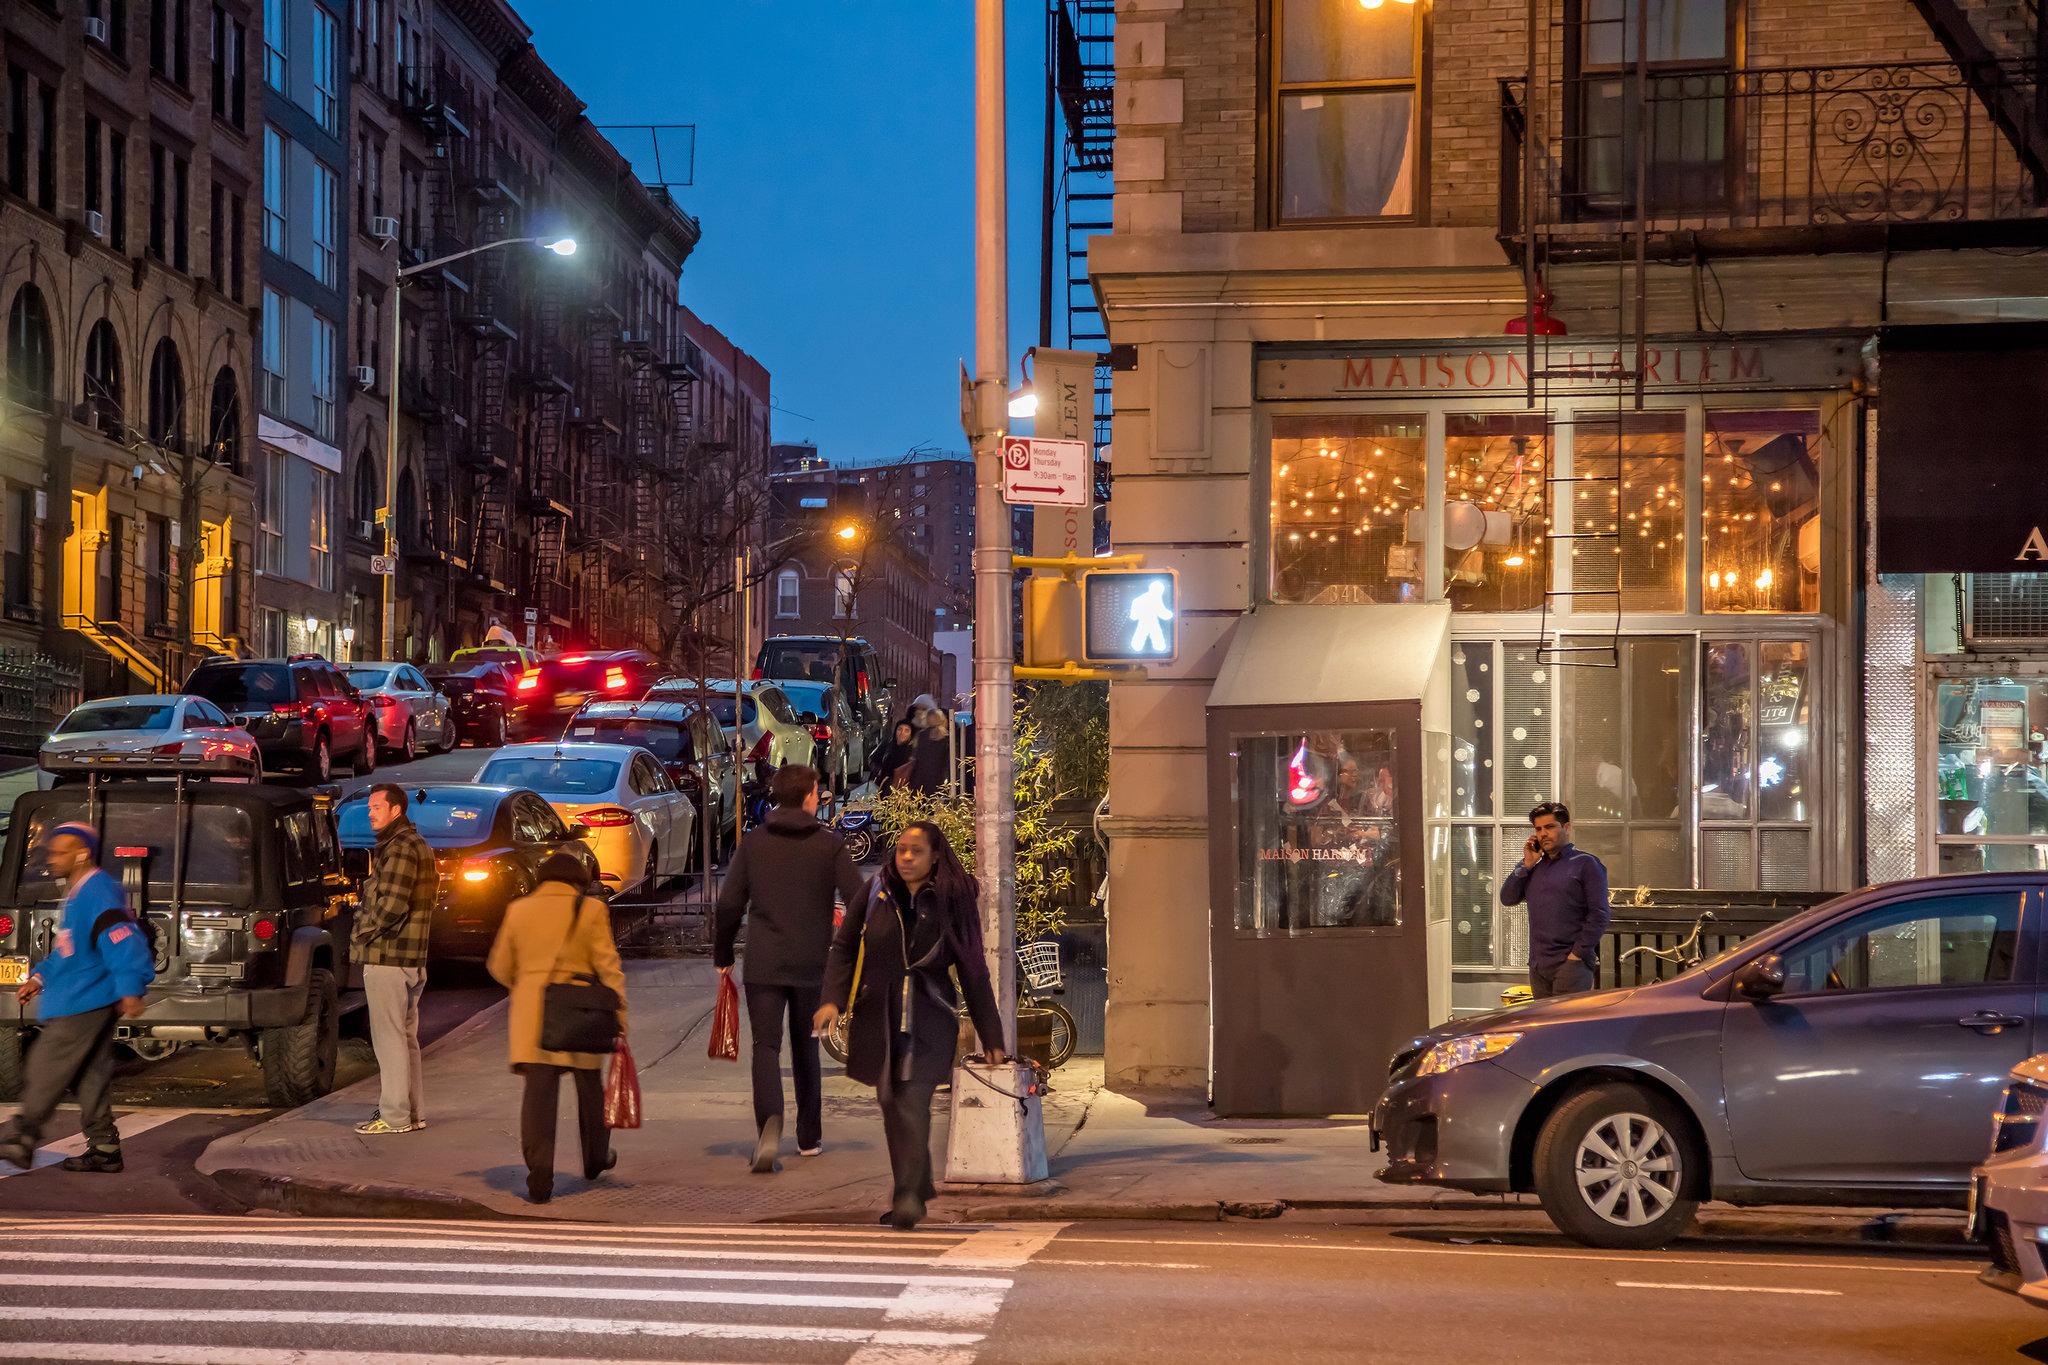 Cuisine Americaine 2017 : Harlem quartier phare de la culture afro américaine à